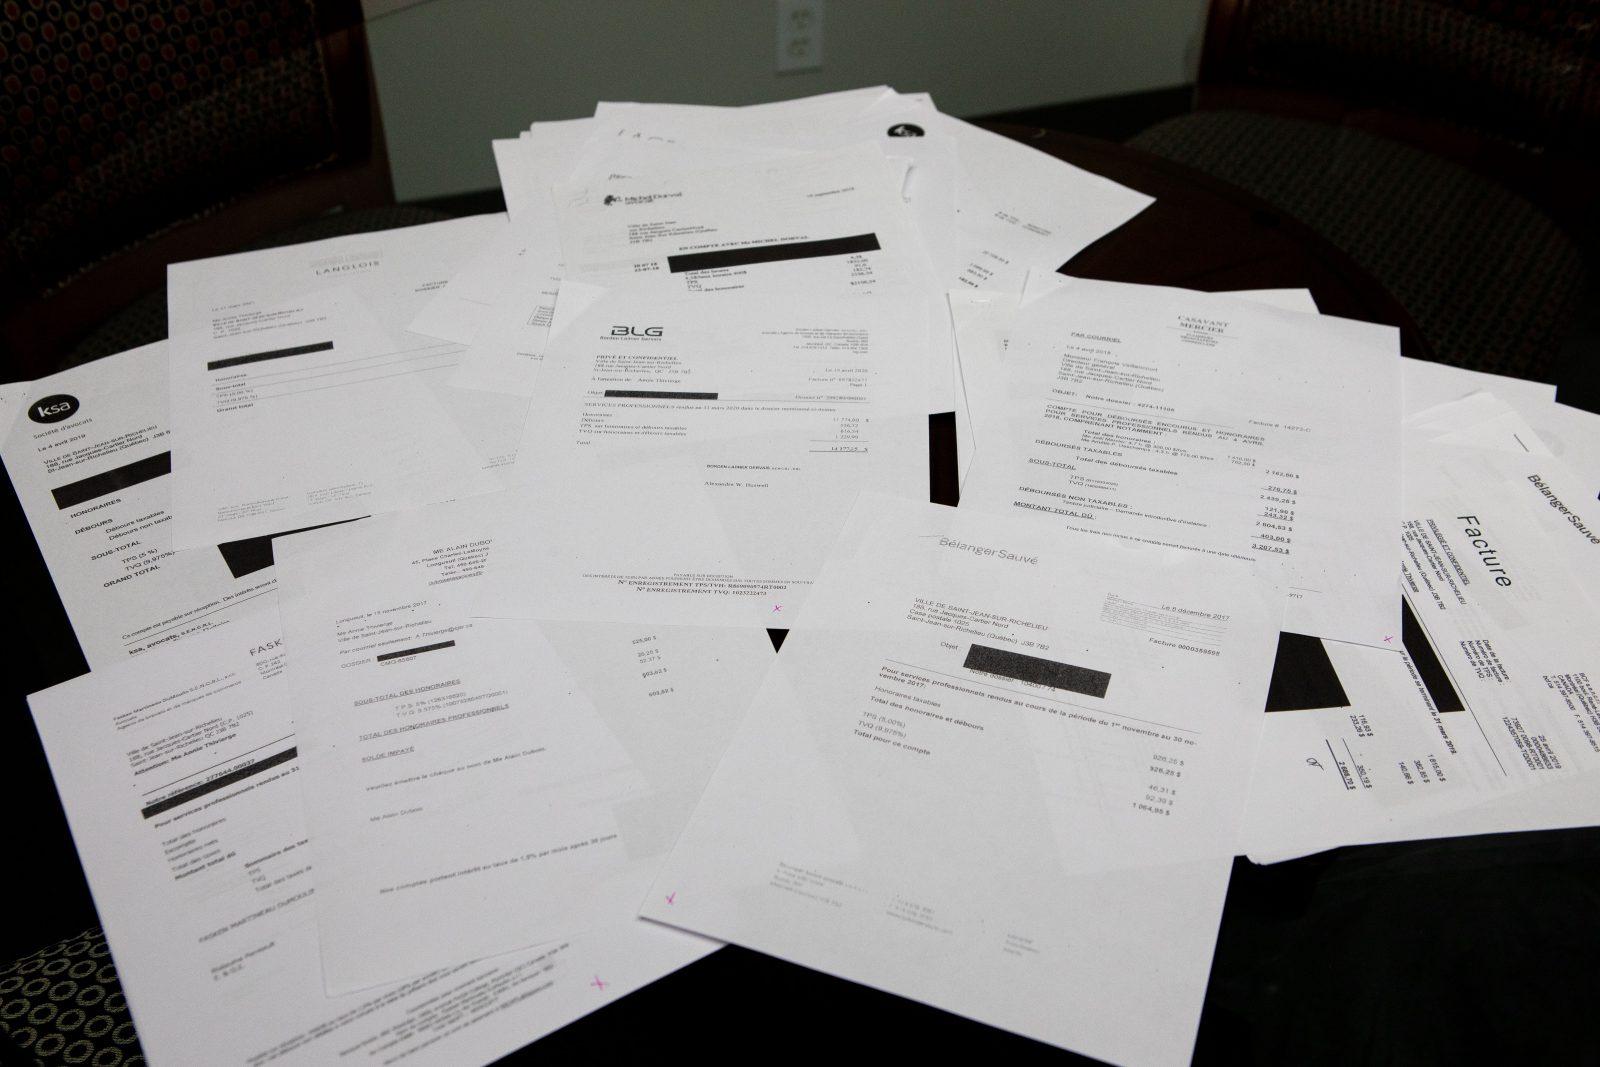 Des frais d'avocats de 1,2 M$ assumés par la Ville